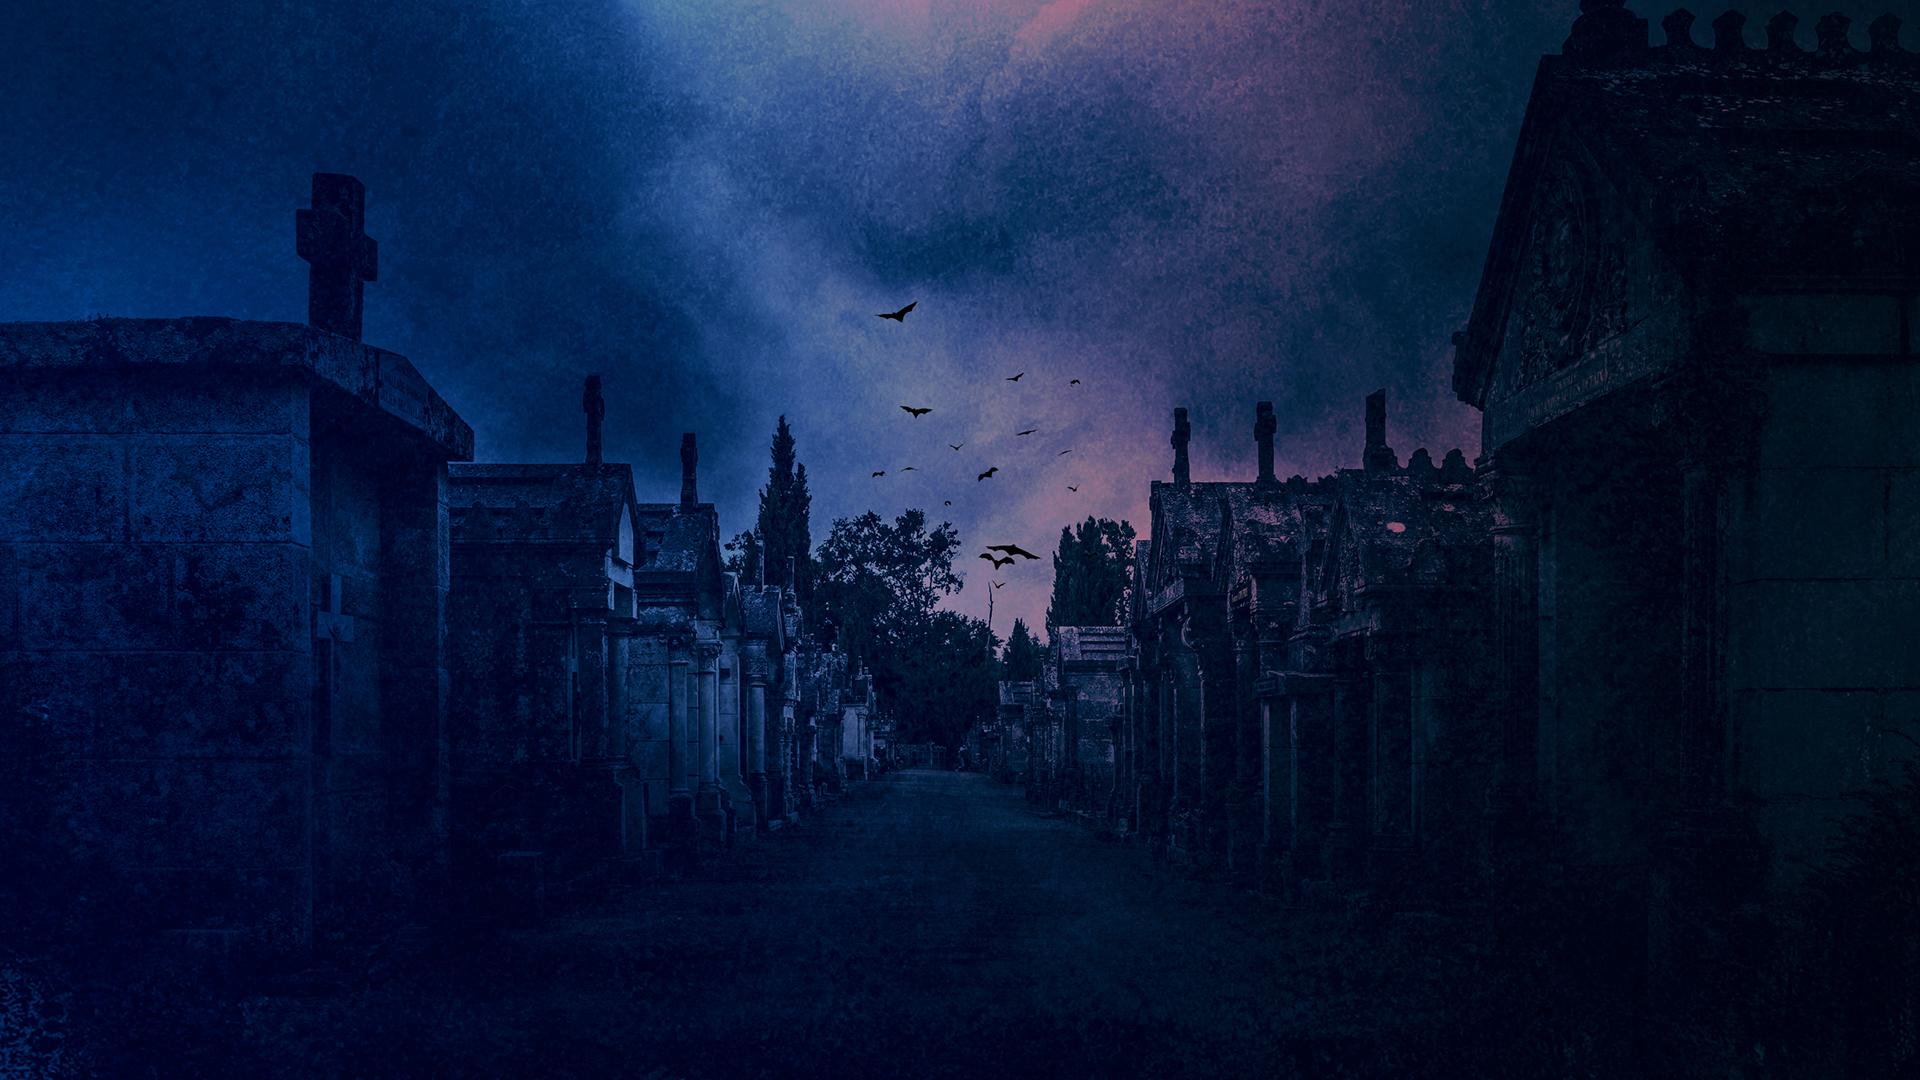 Nest Of Vampires